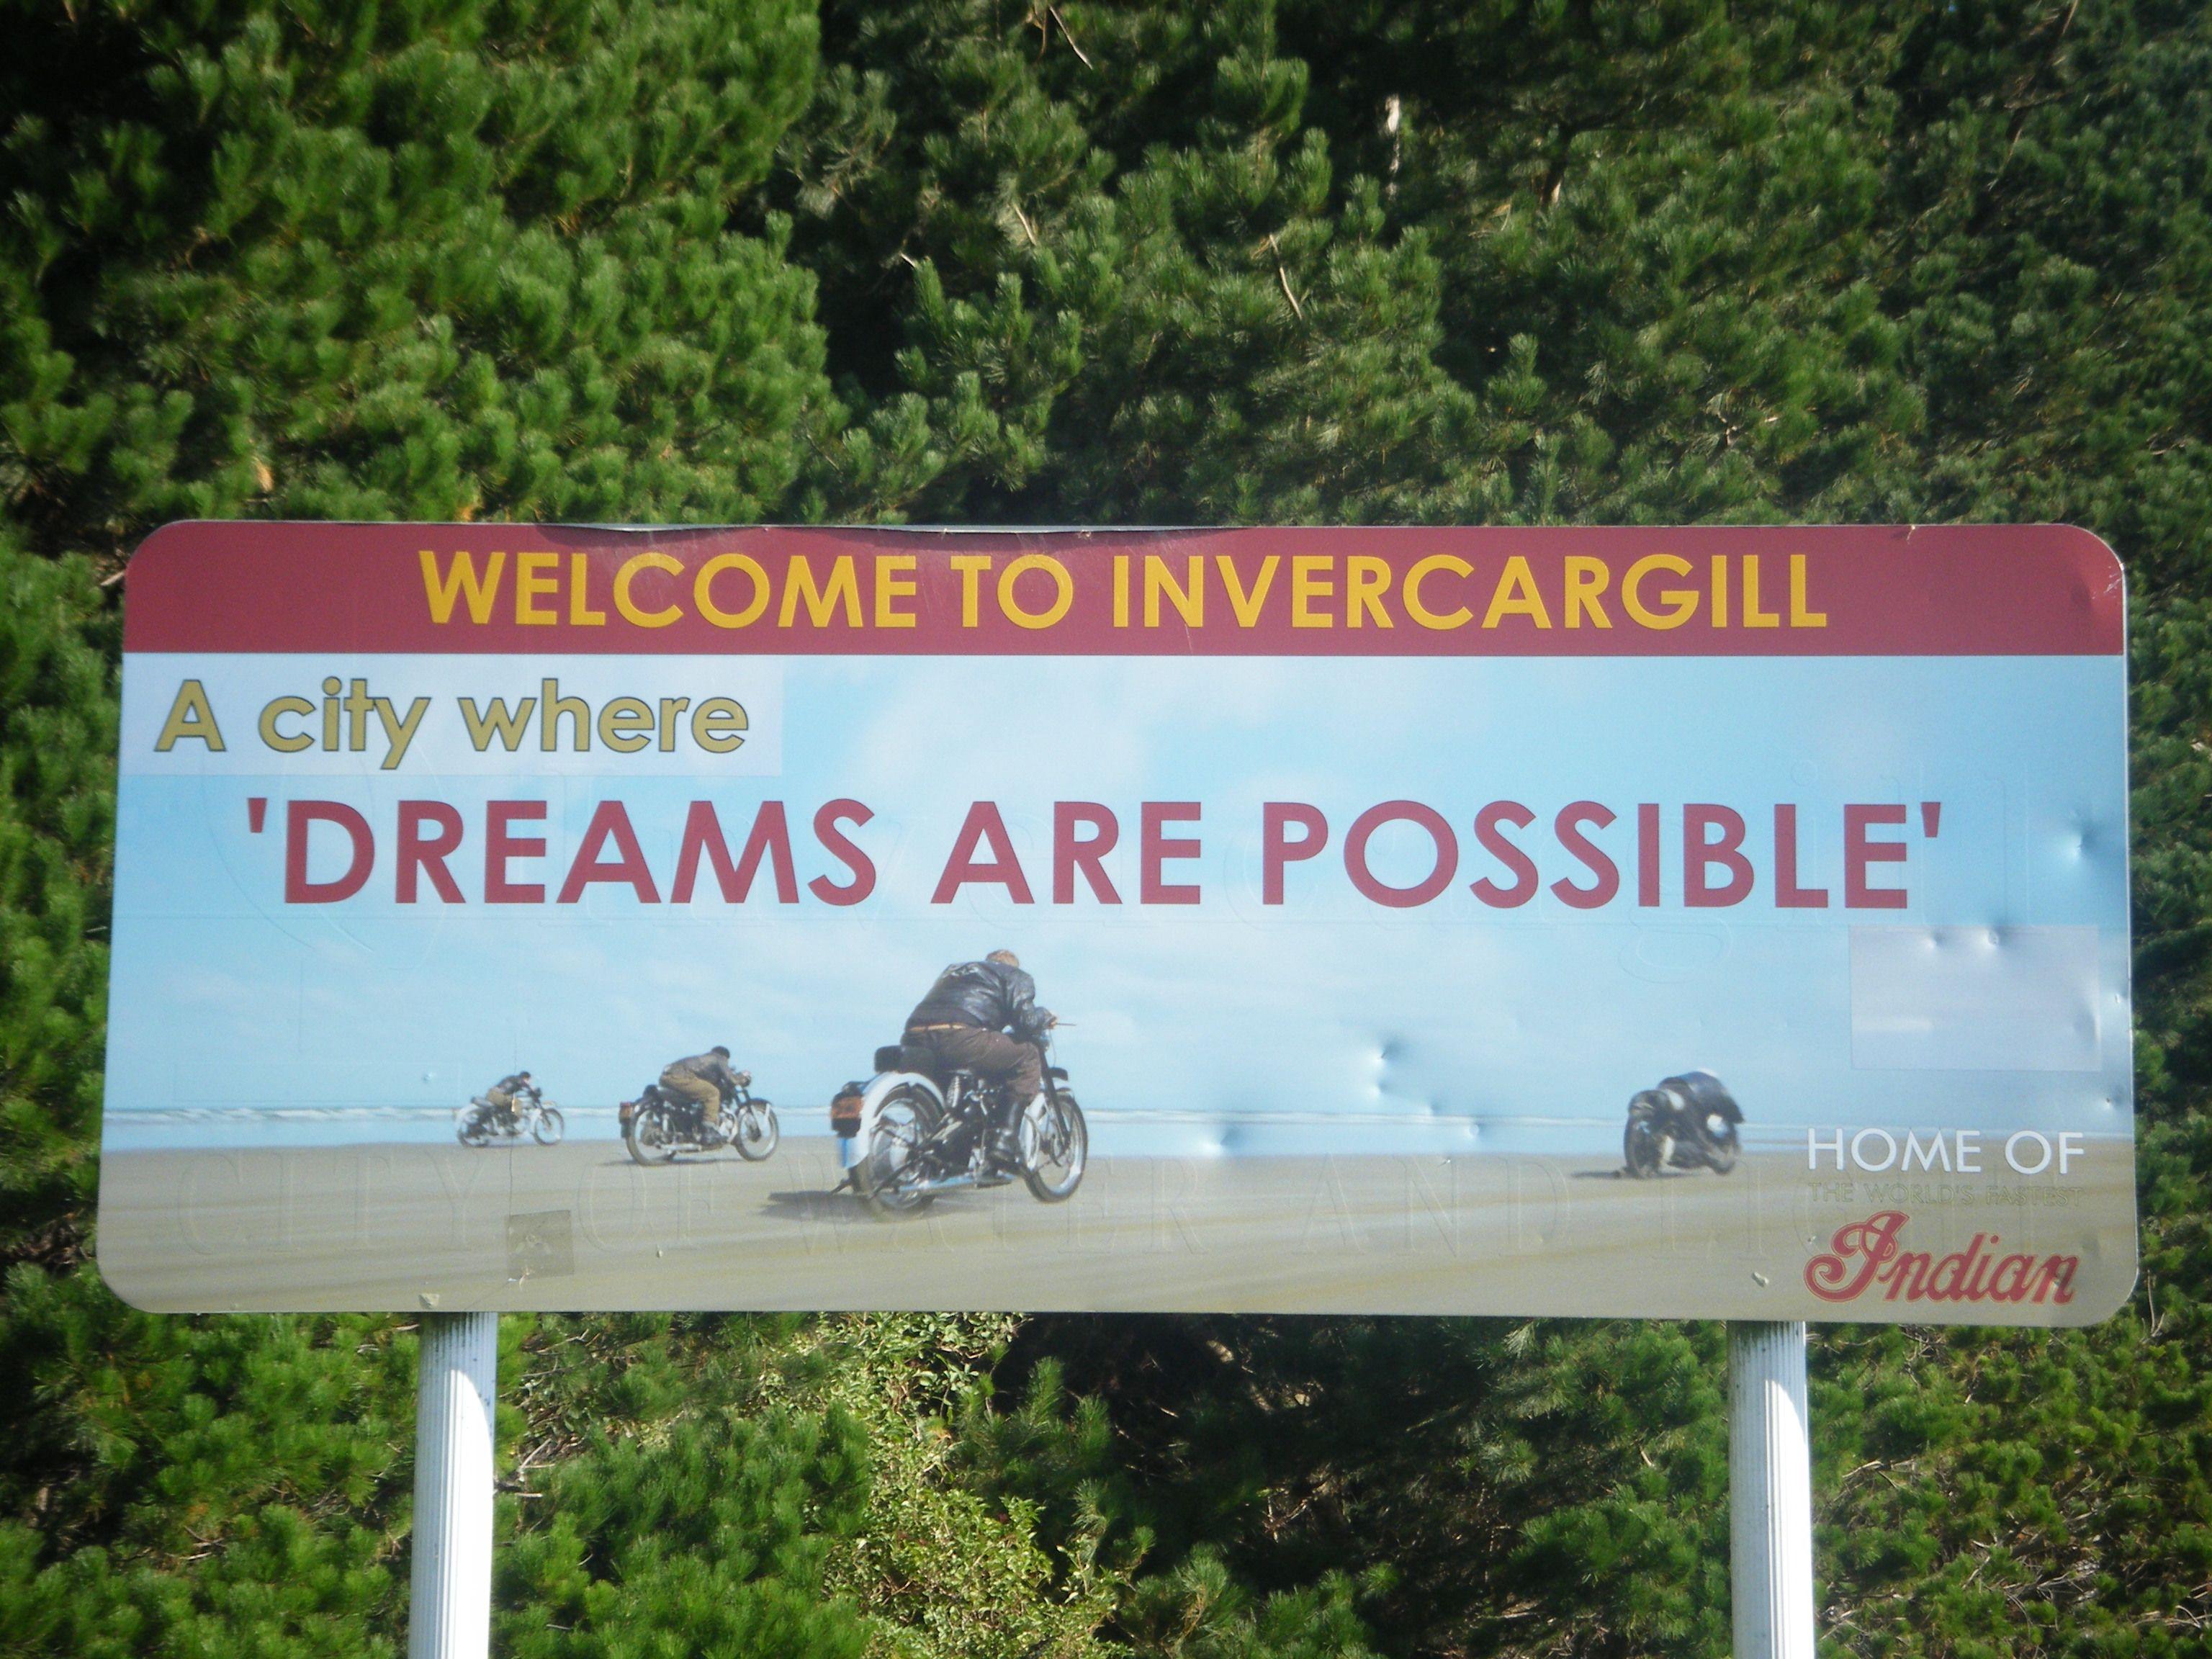 Invercargill...A city where dreams are possible ...